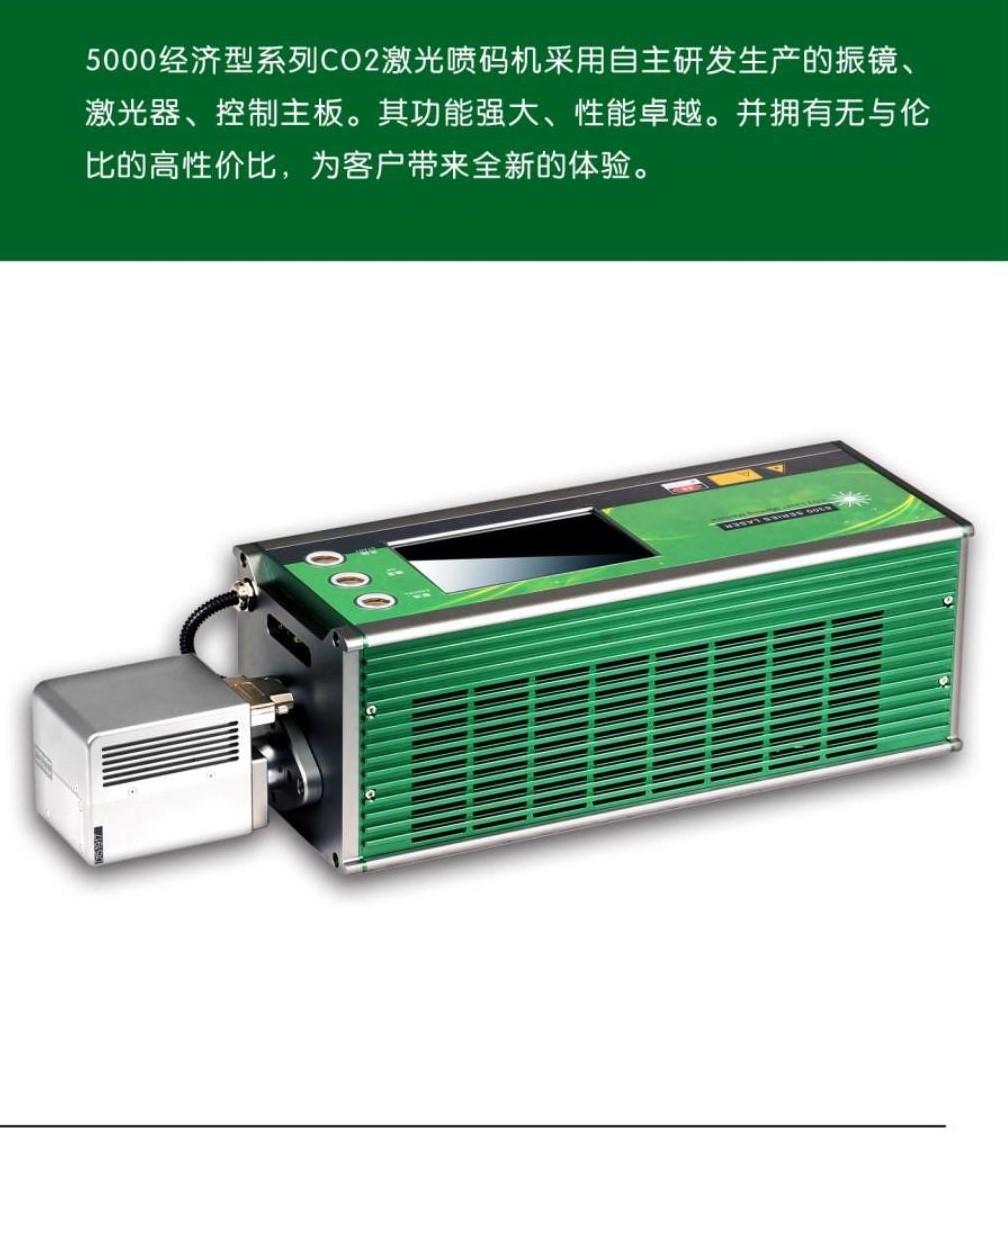 芒果5000系列经济型二氧化碳激光喷码机